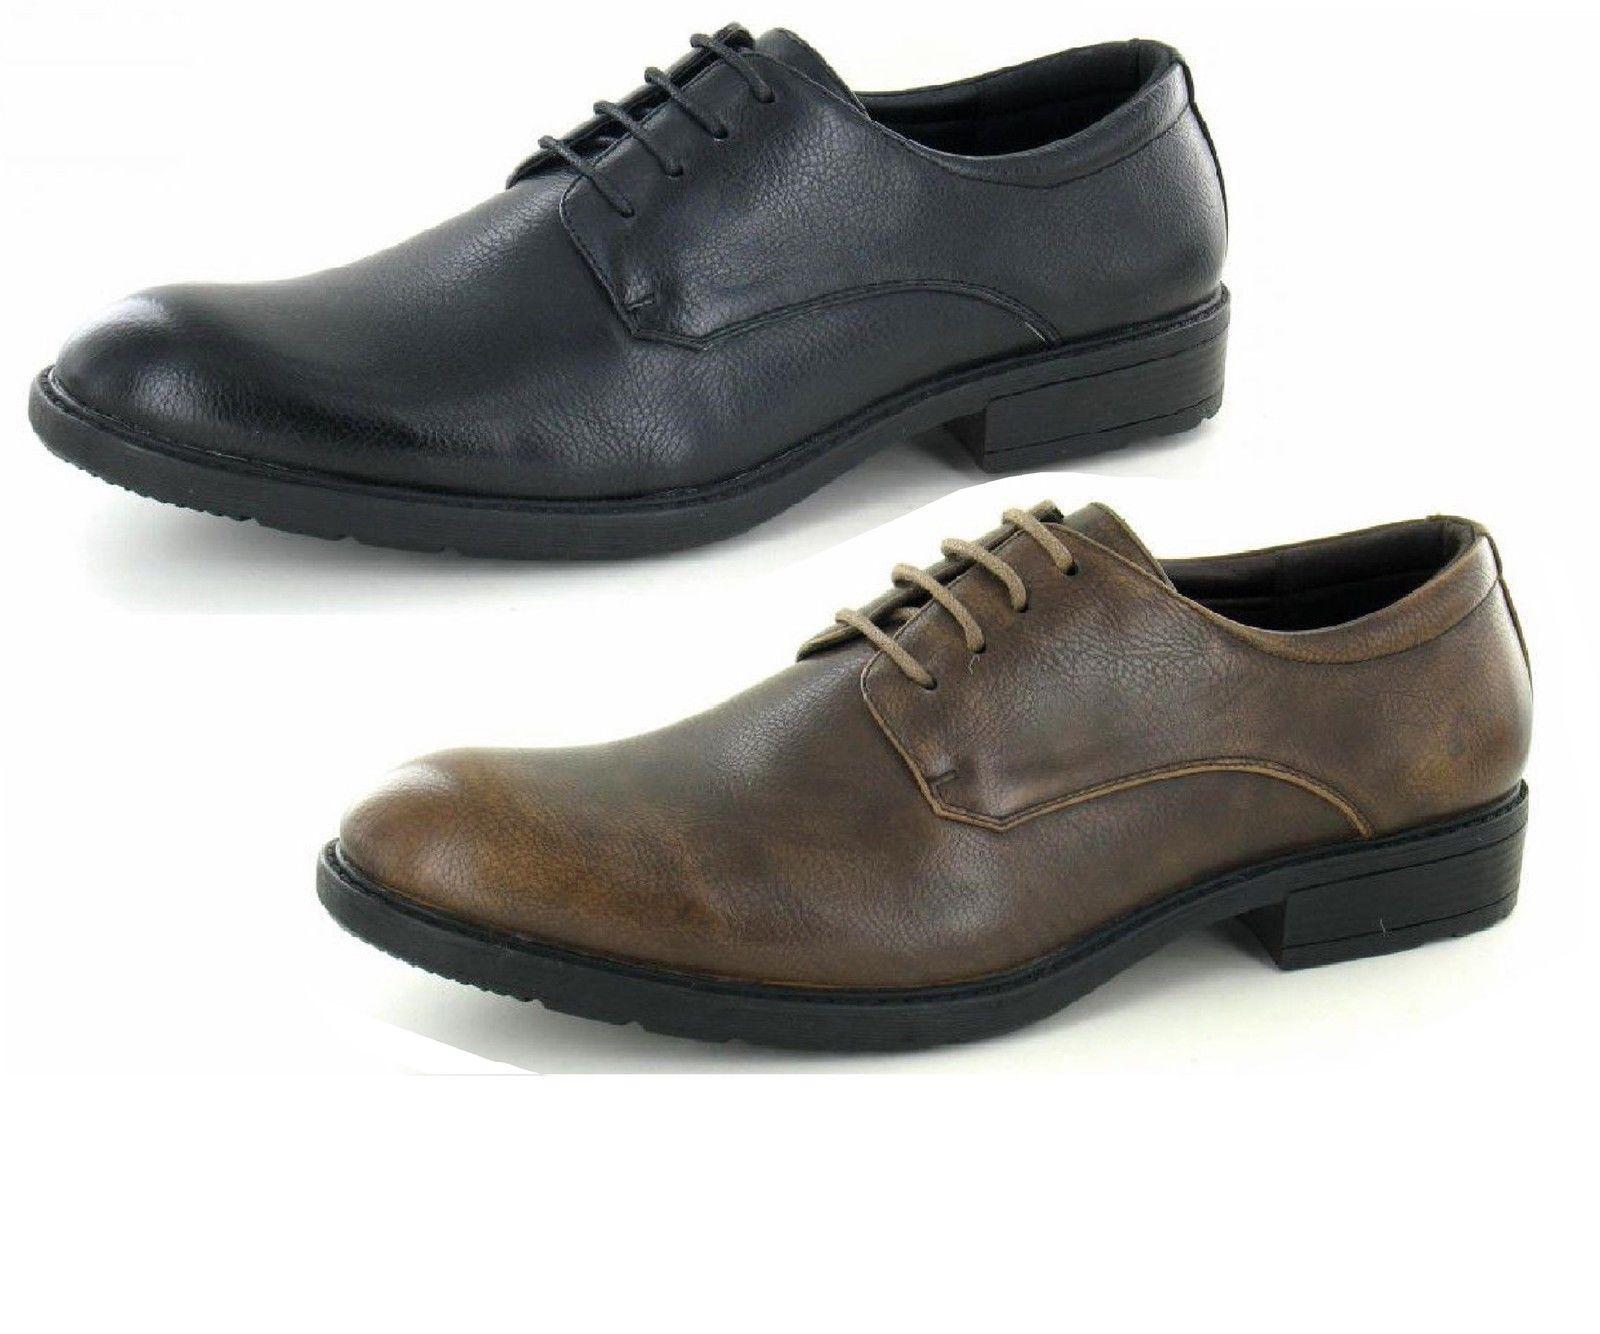 REBAJAS Zapato Hombre a2128 Sintético Con Cordones Zapato REBAJAS de vestir negro/marrón de a22712